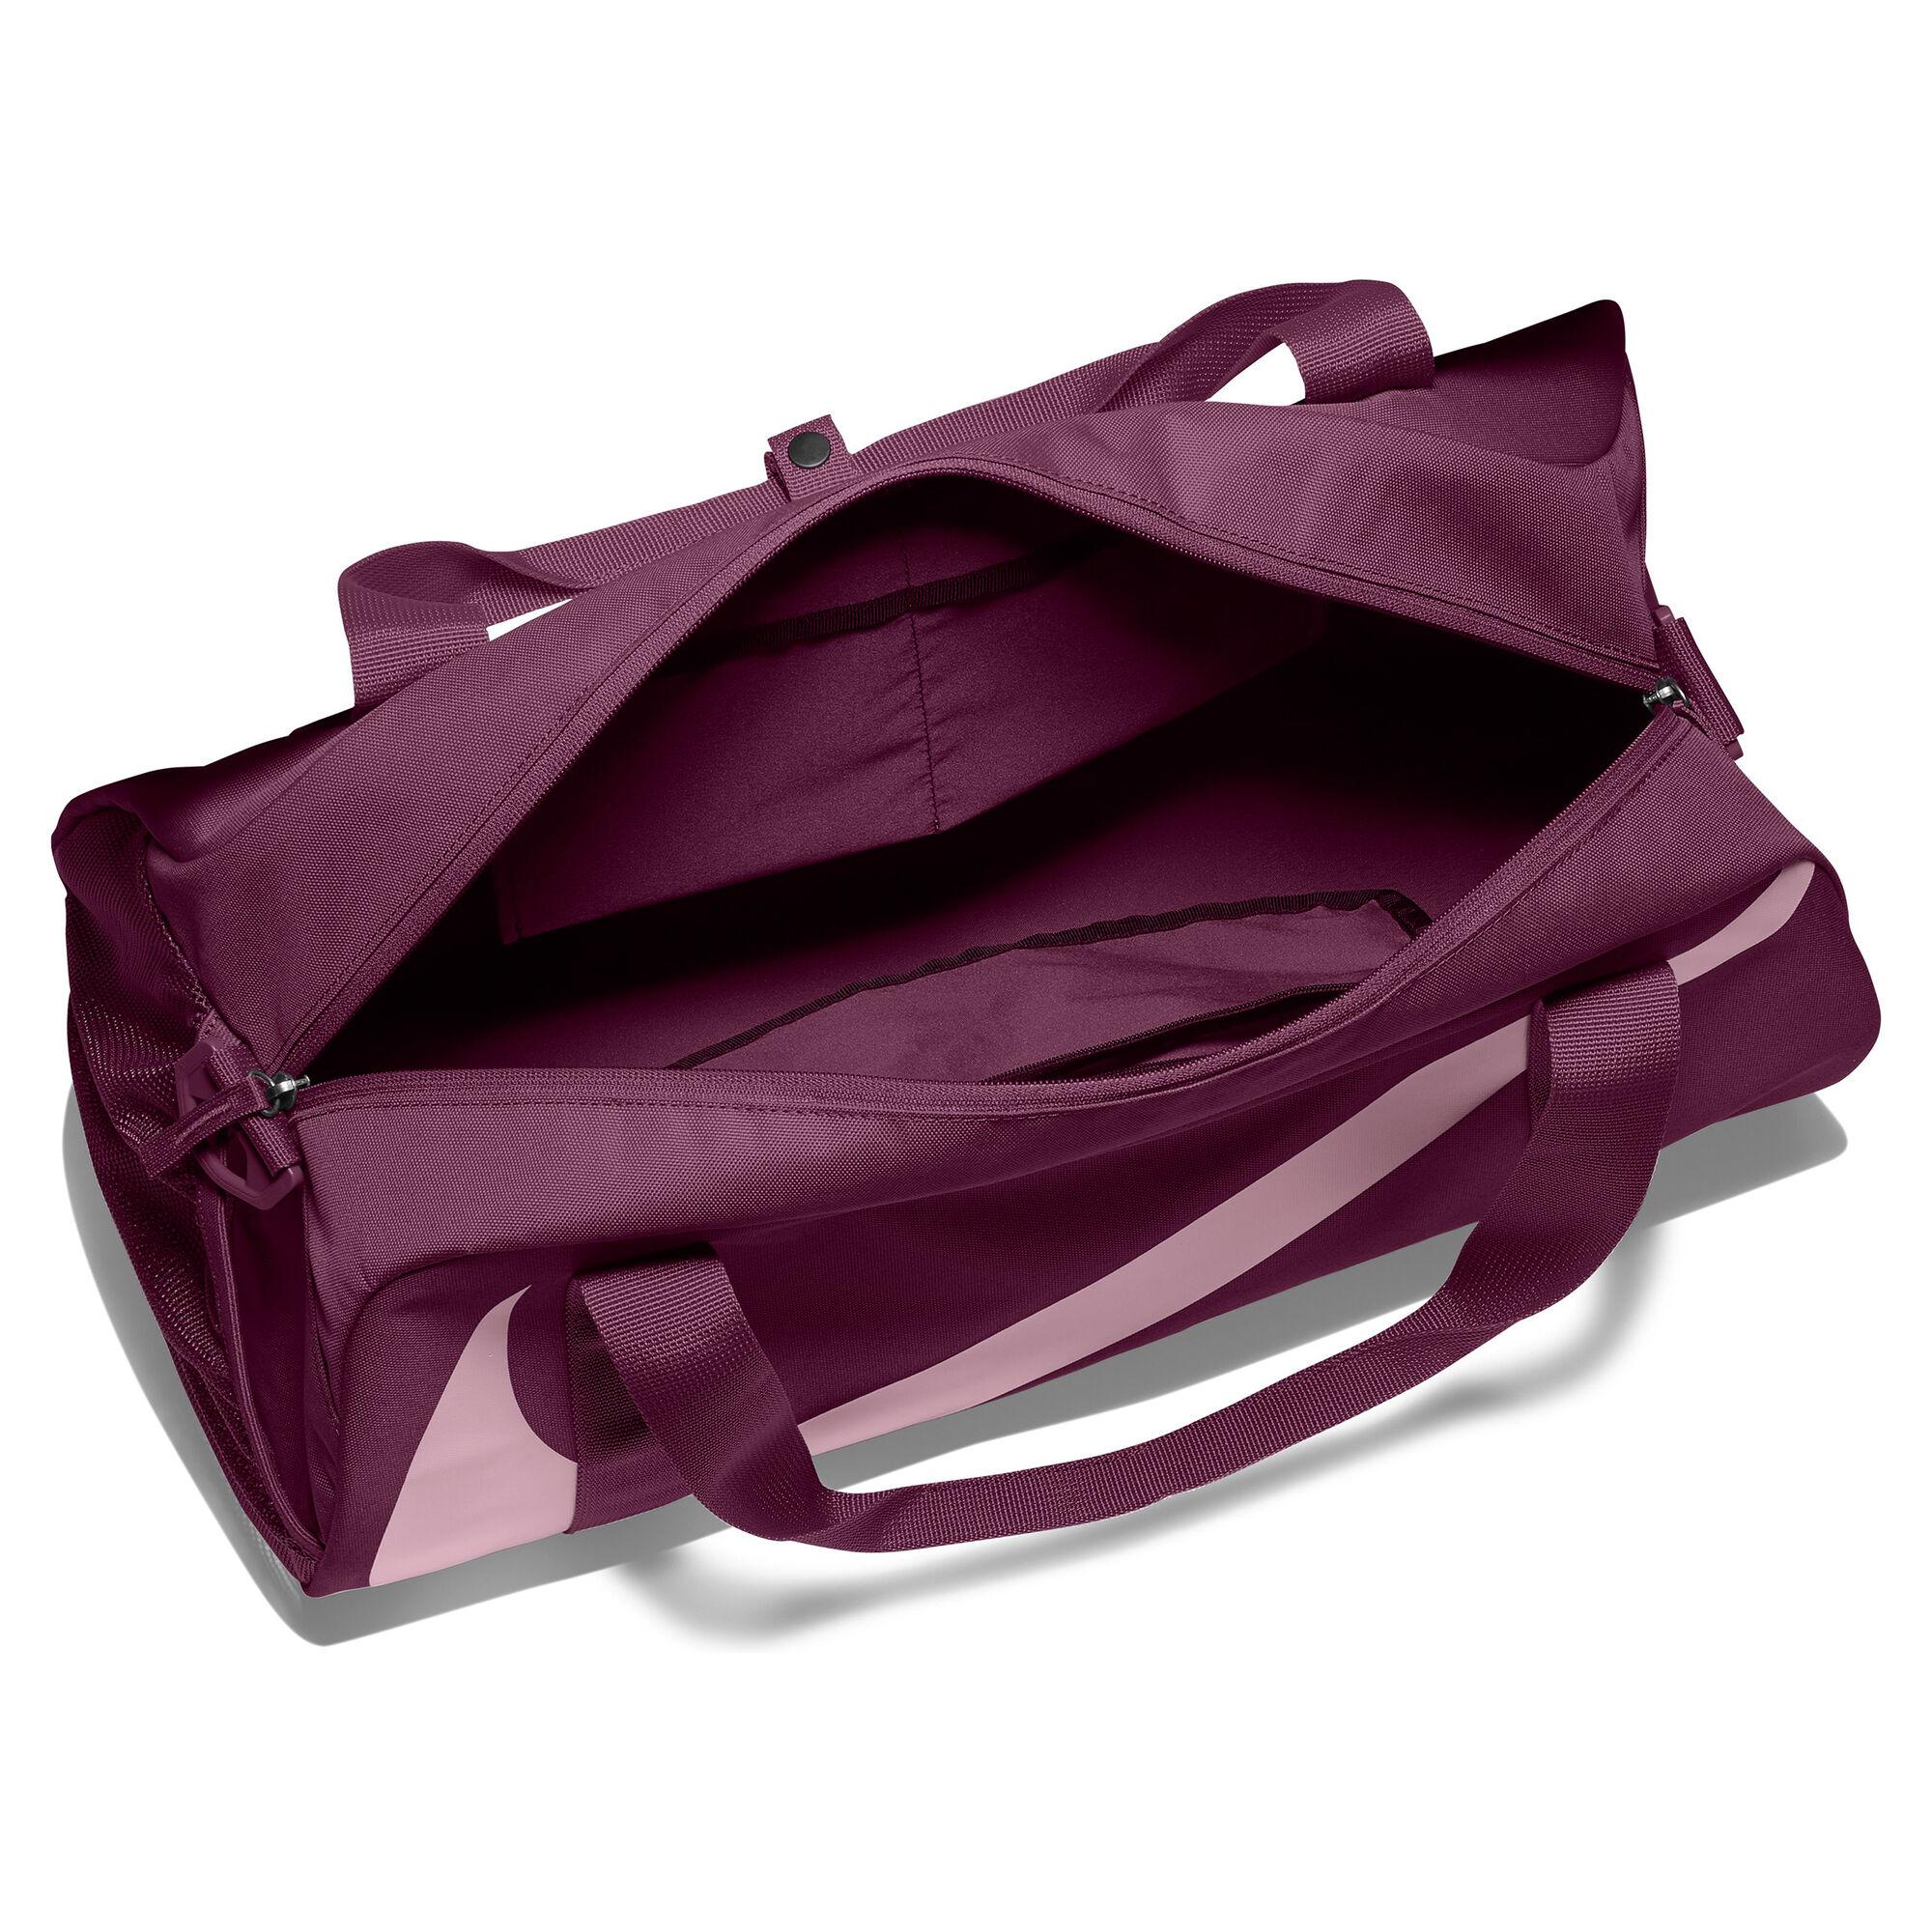 Sale -25%. Nike  Nike  Nike  Nike  Nike  Nike. Gym Club Training Duffel Bag  ... a555a03e0f036